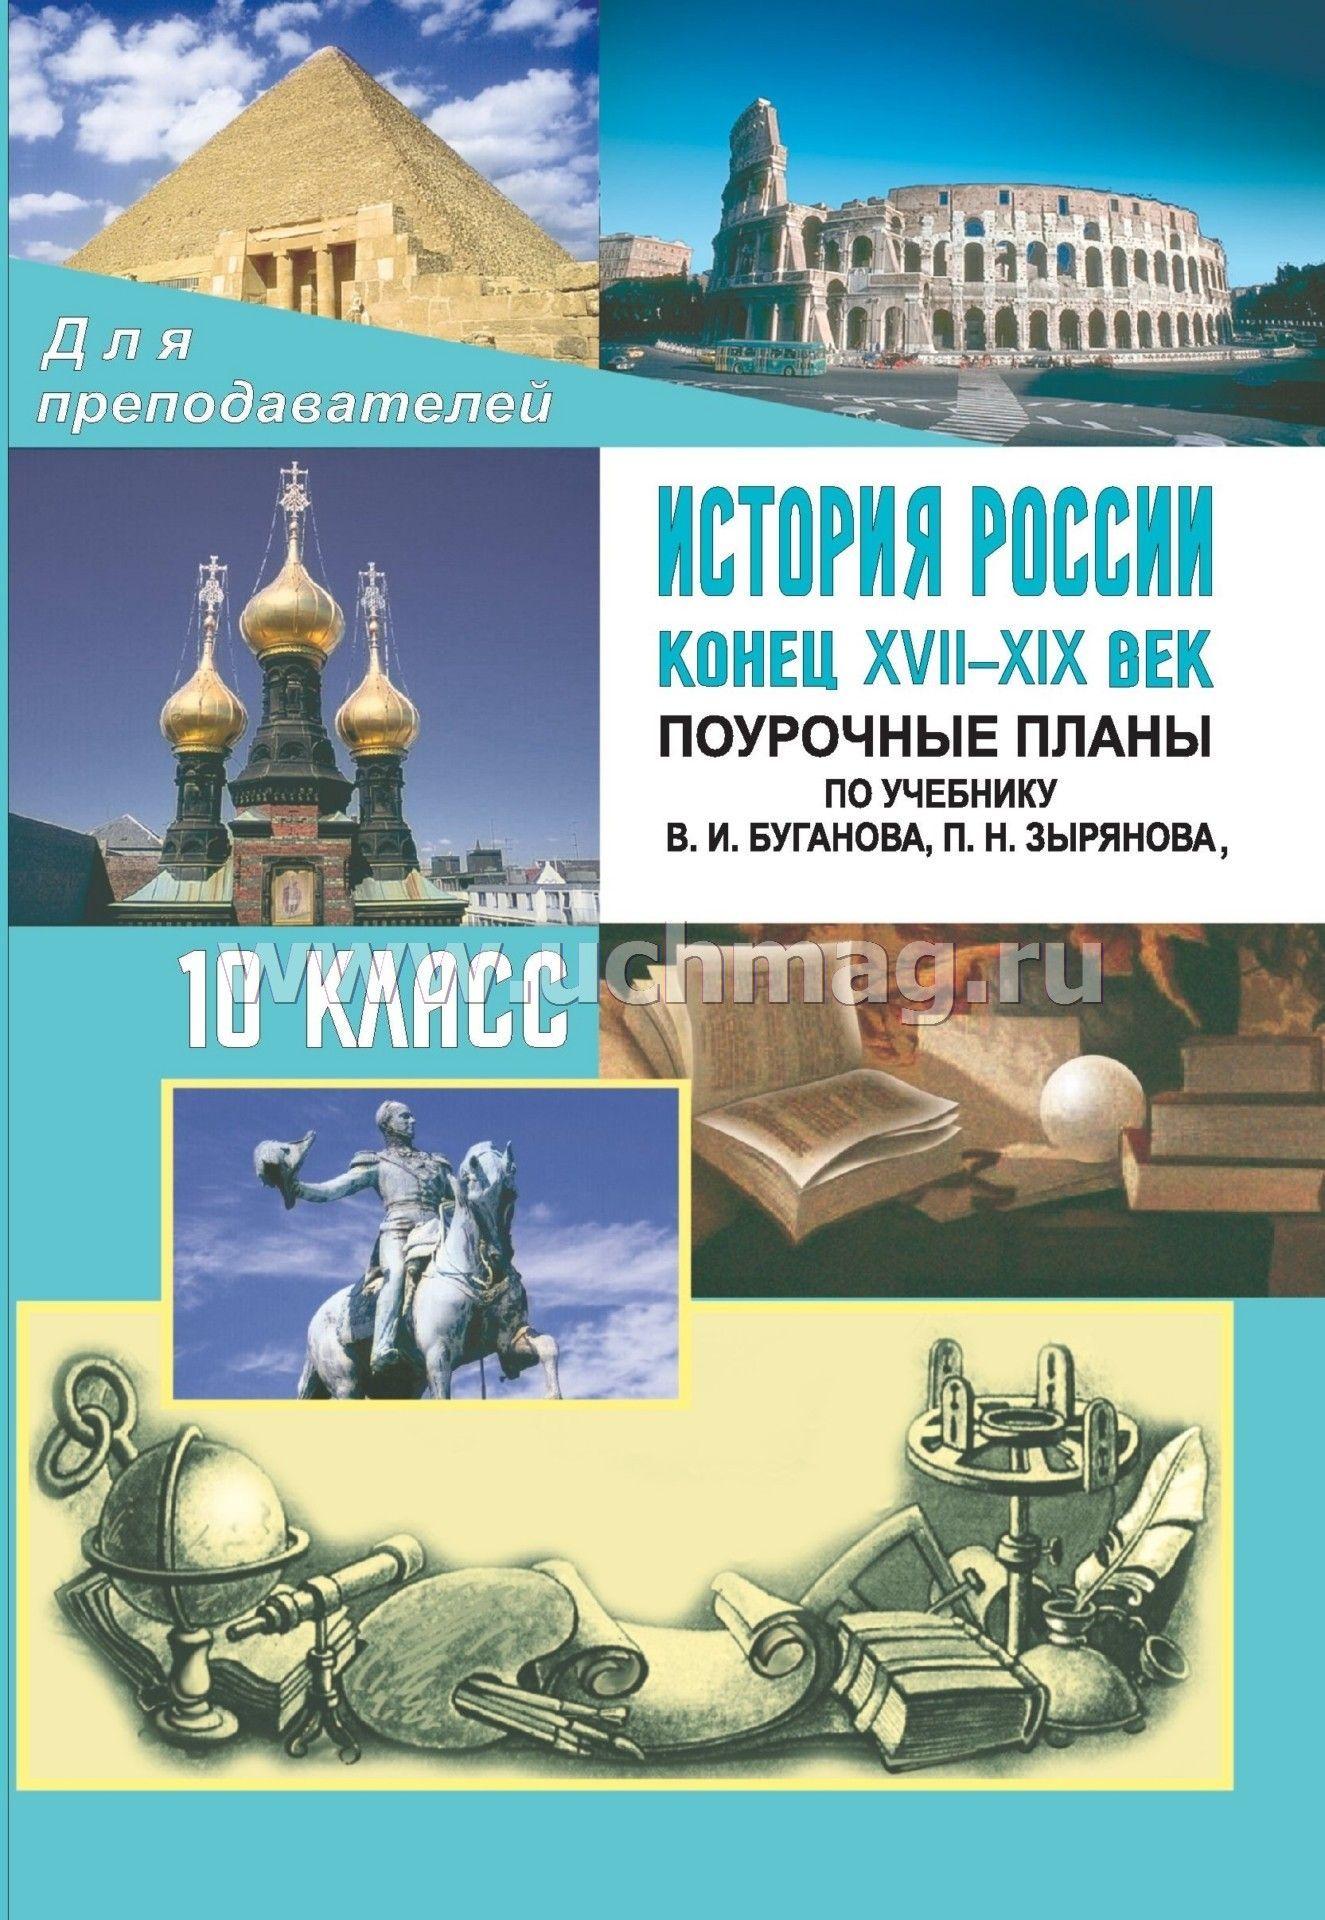 Скачать учебник история россии xvii-xix века 10 класс часть 2 сахаров а.н боханов а.н